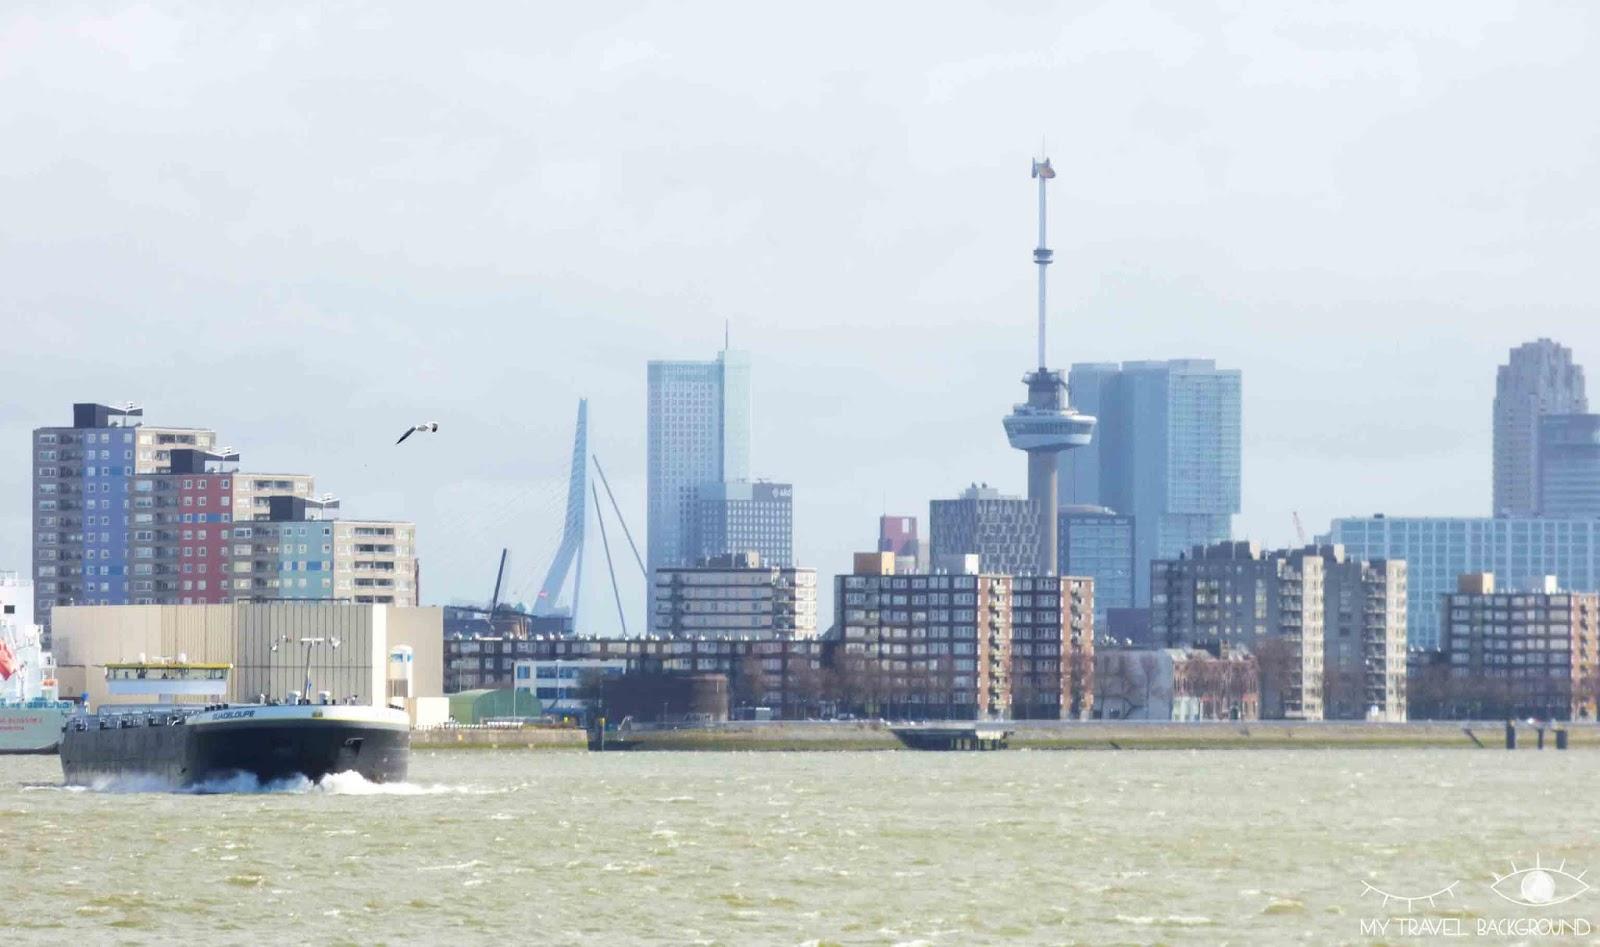 My Travel Background : pourquoi je suis tombée amoureuse de Rotterdam - Le port de Rotterdam